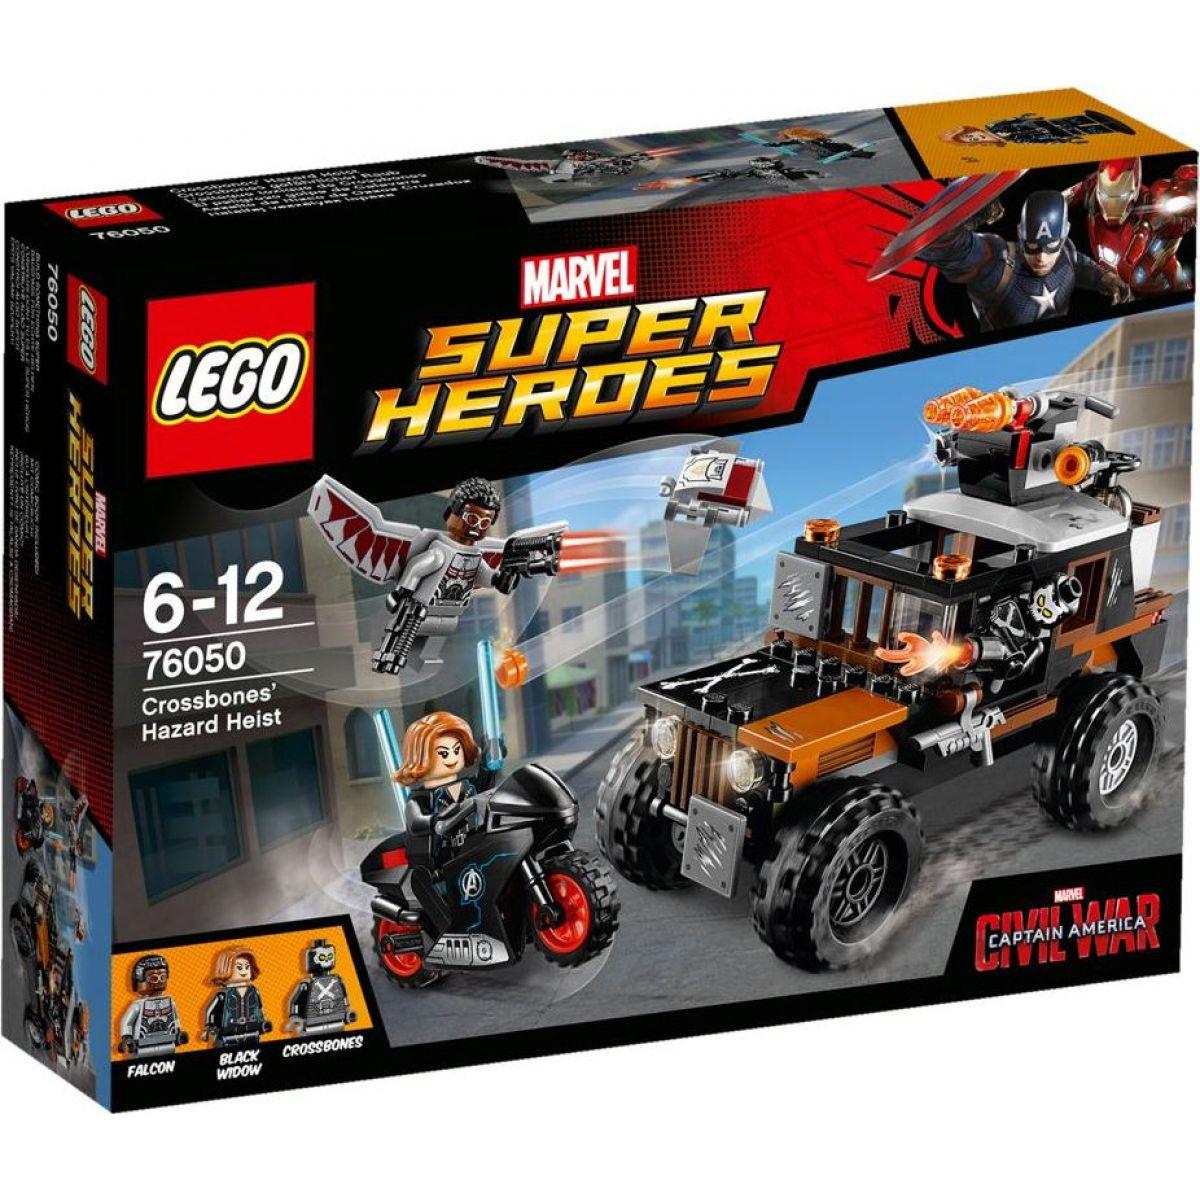 LEGO Super Heroes 76050 Confidential Captain America Movie 1